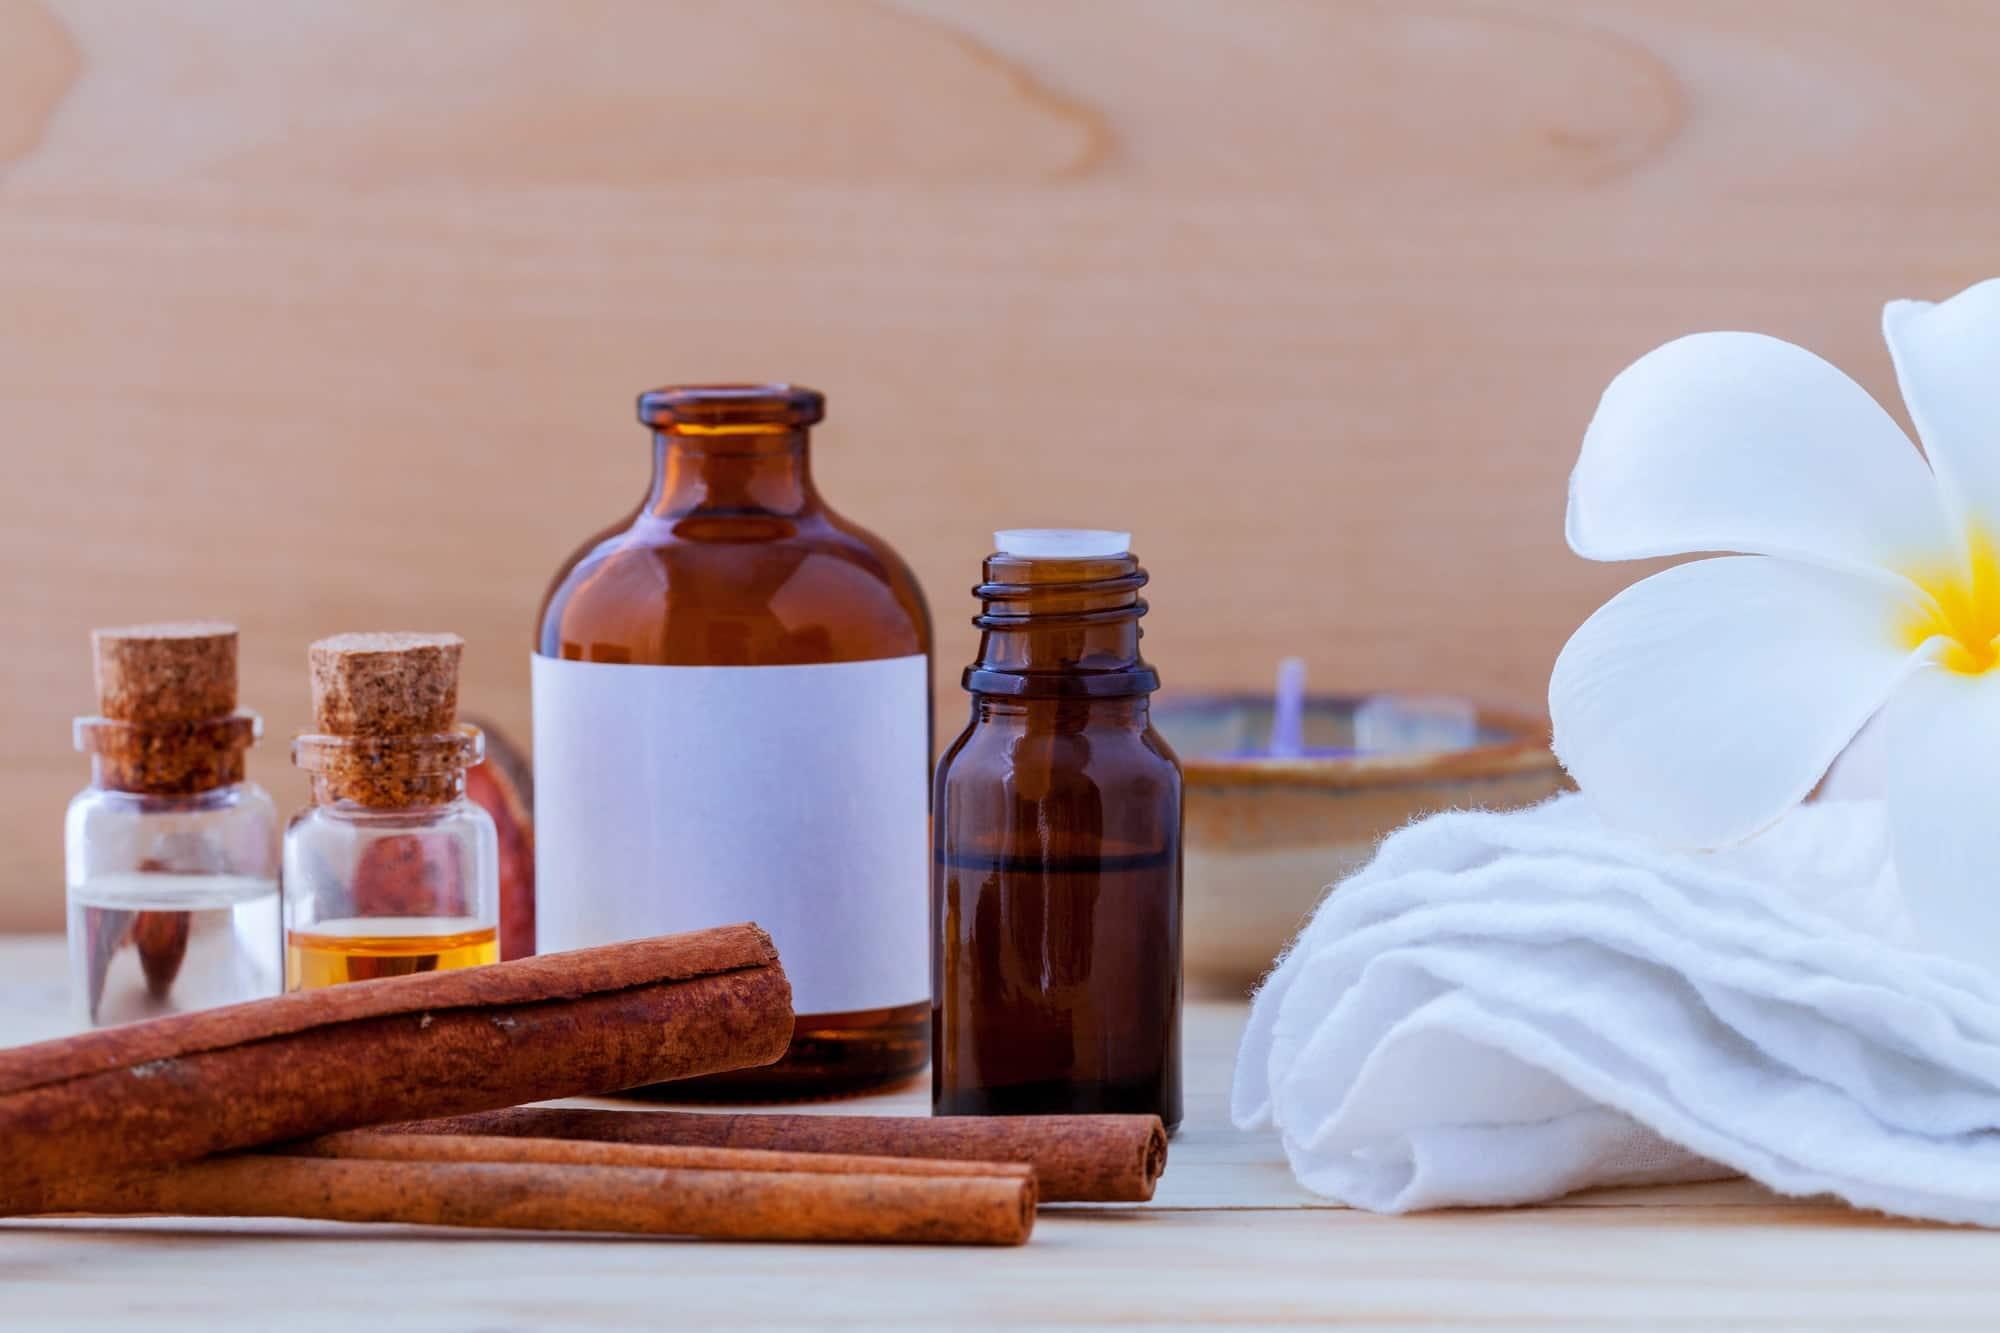 Бутылочки с маслом для массажа на столе